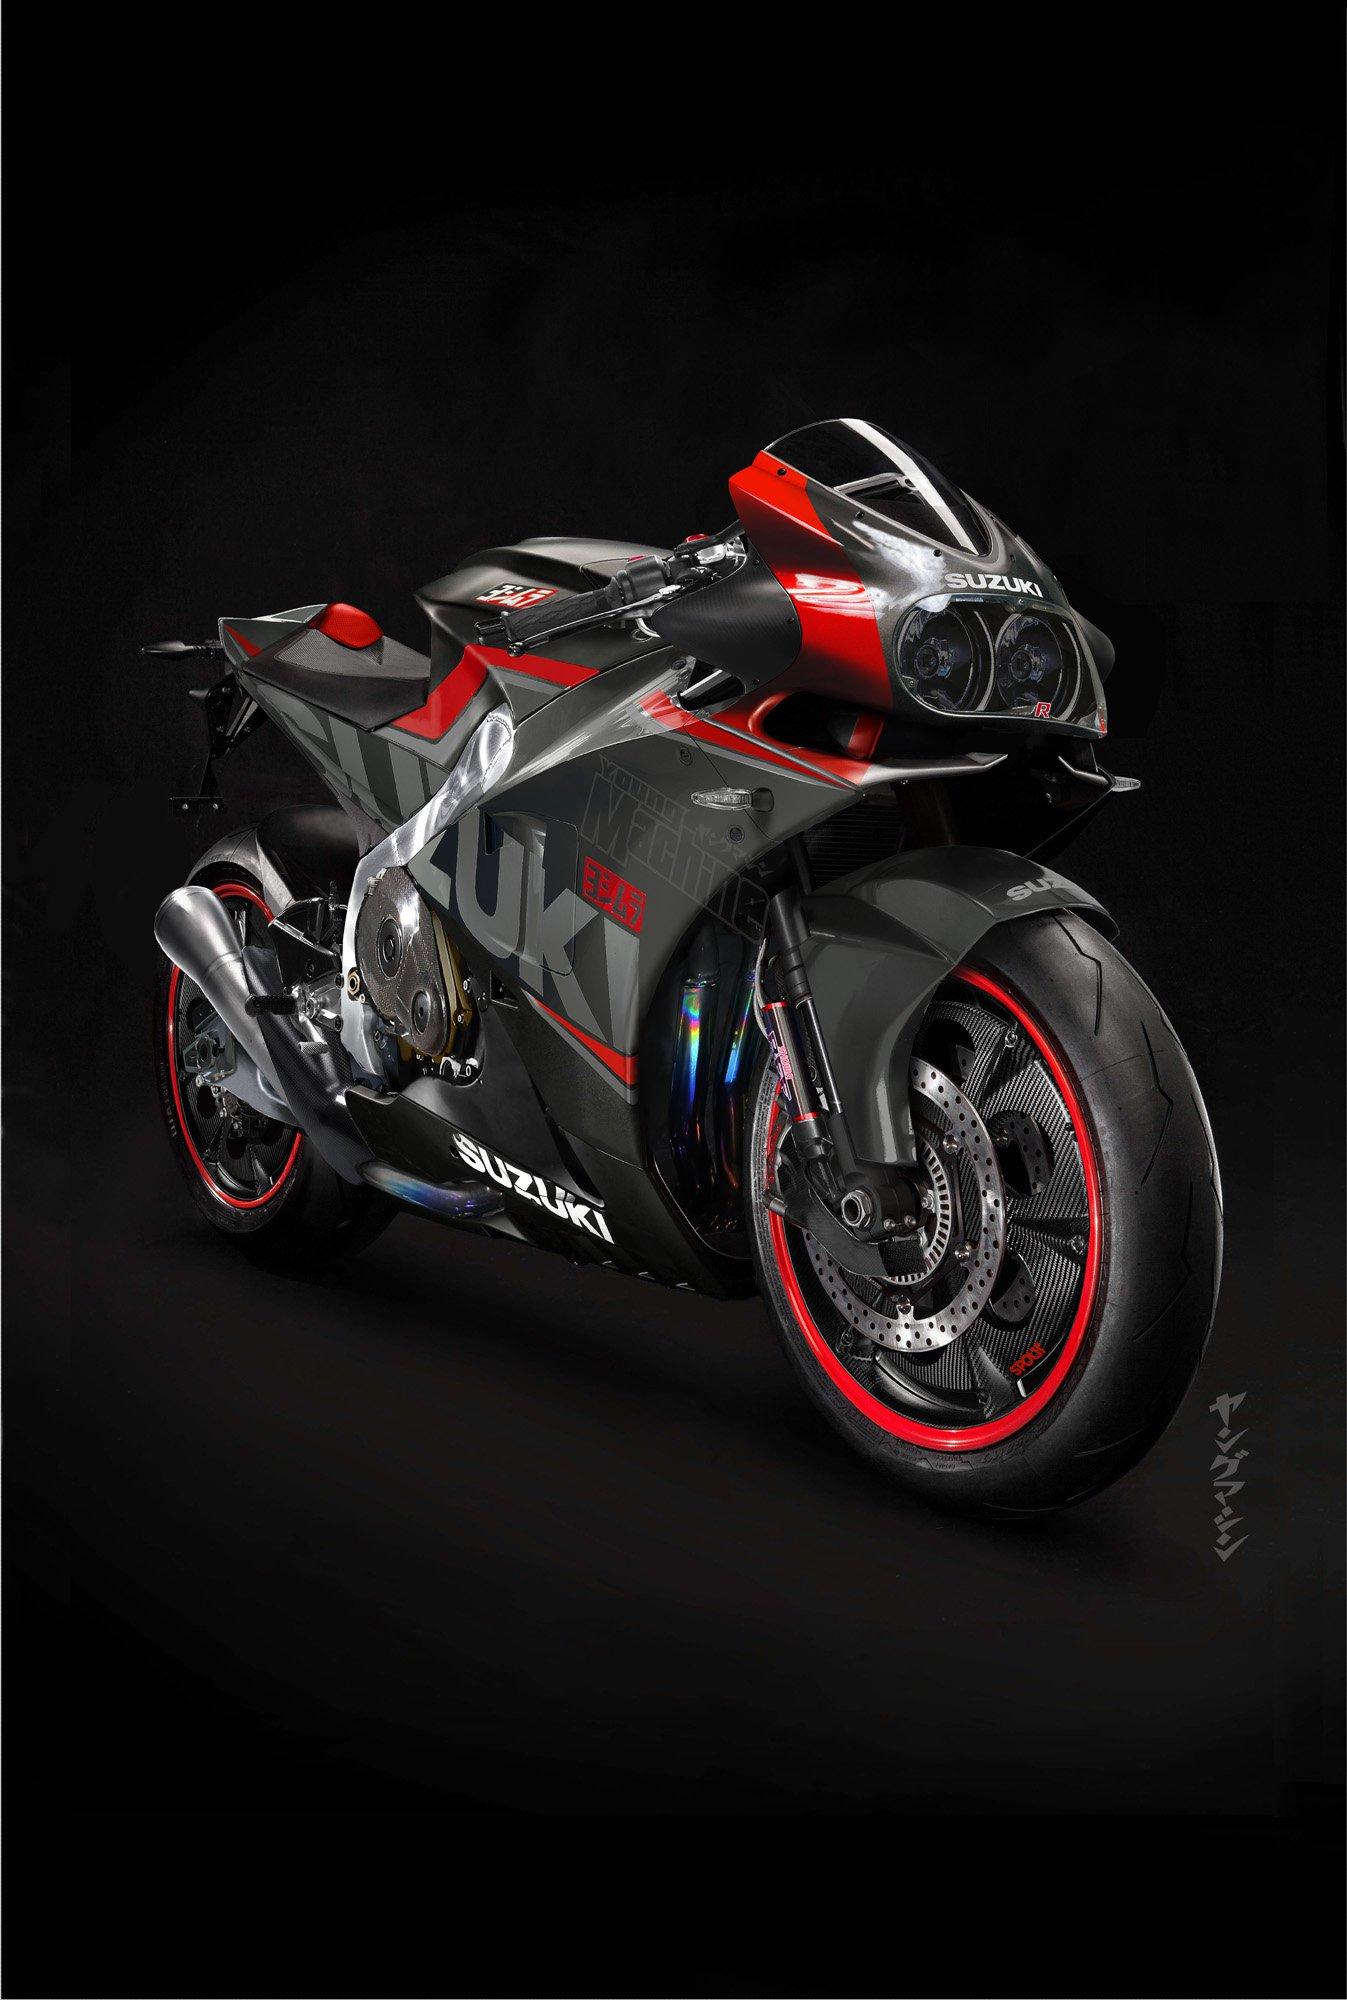 Future Suzuki Motorcycles 2